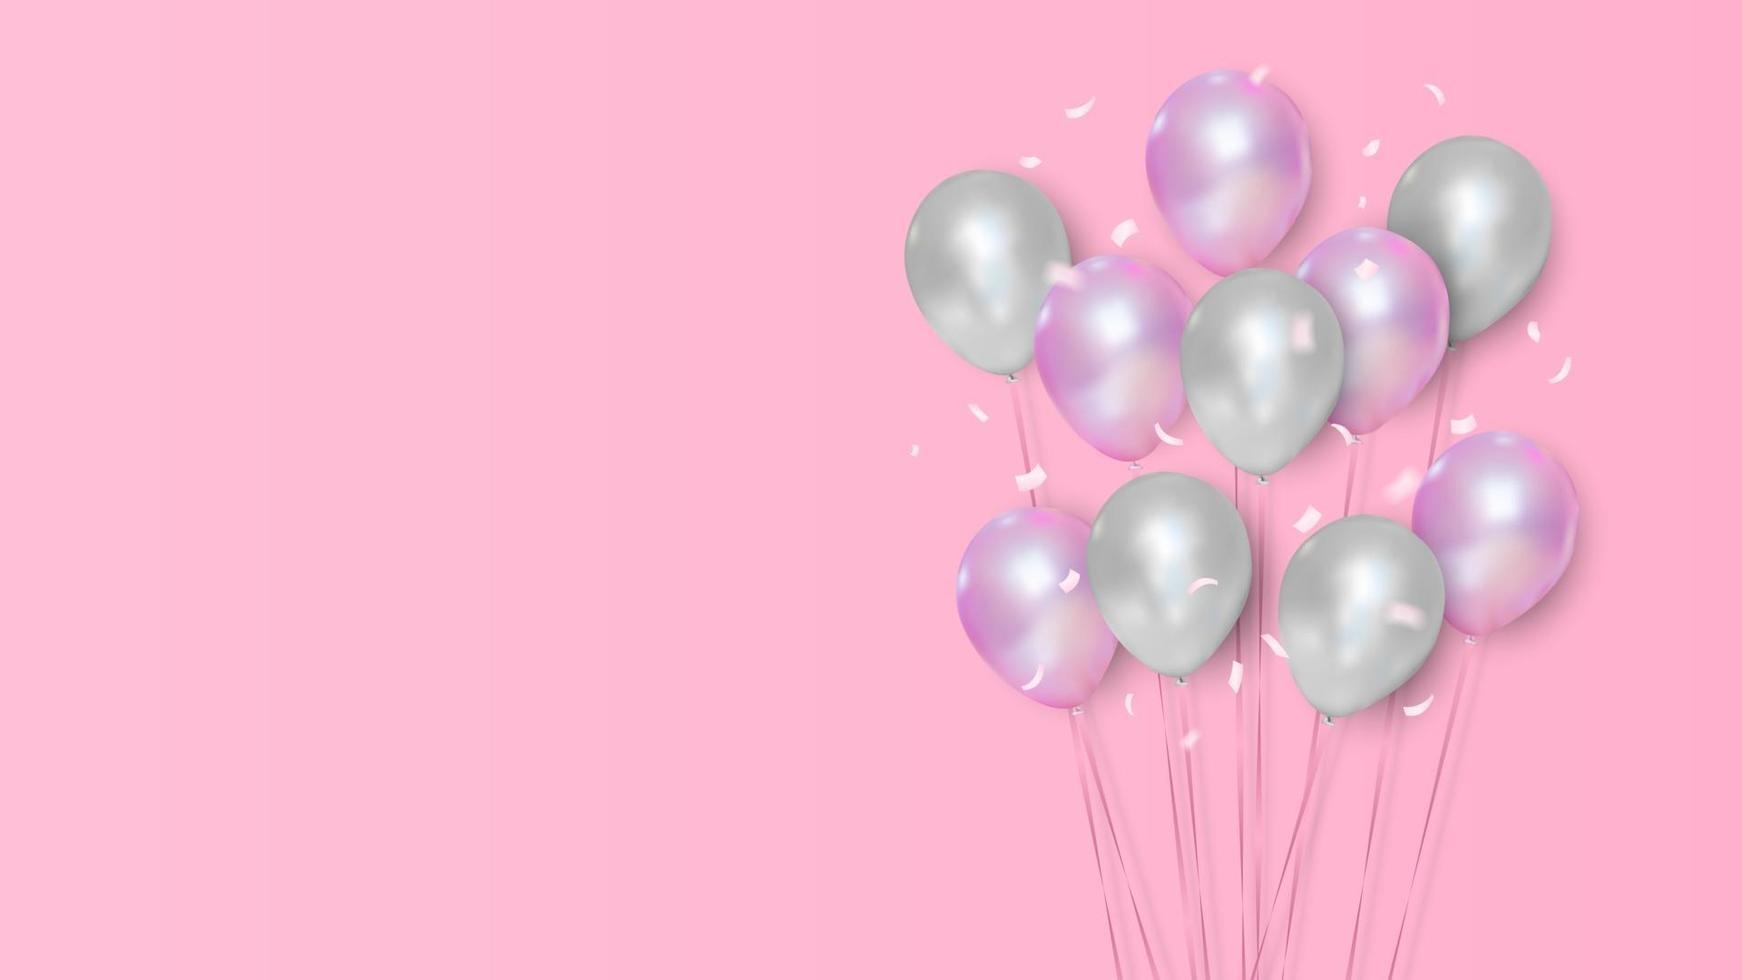 couleurs roses et blanches avec des ballons d'hélium volant réalistes, célébration, fond de festival, bannière de voeux, carte, affiche, illustration vectorielle vecteur